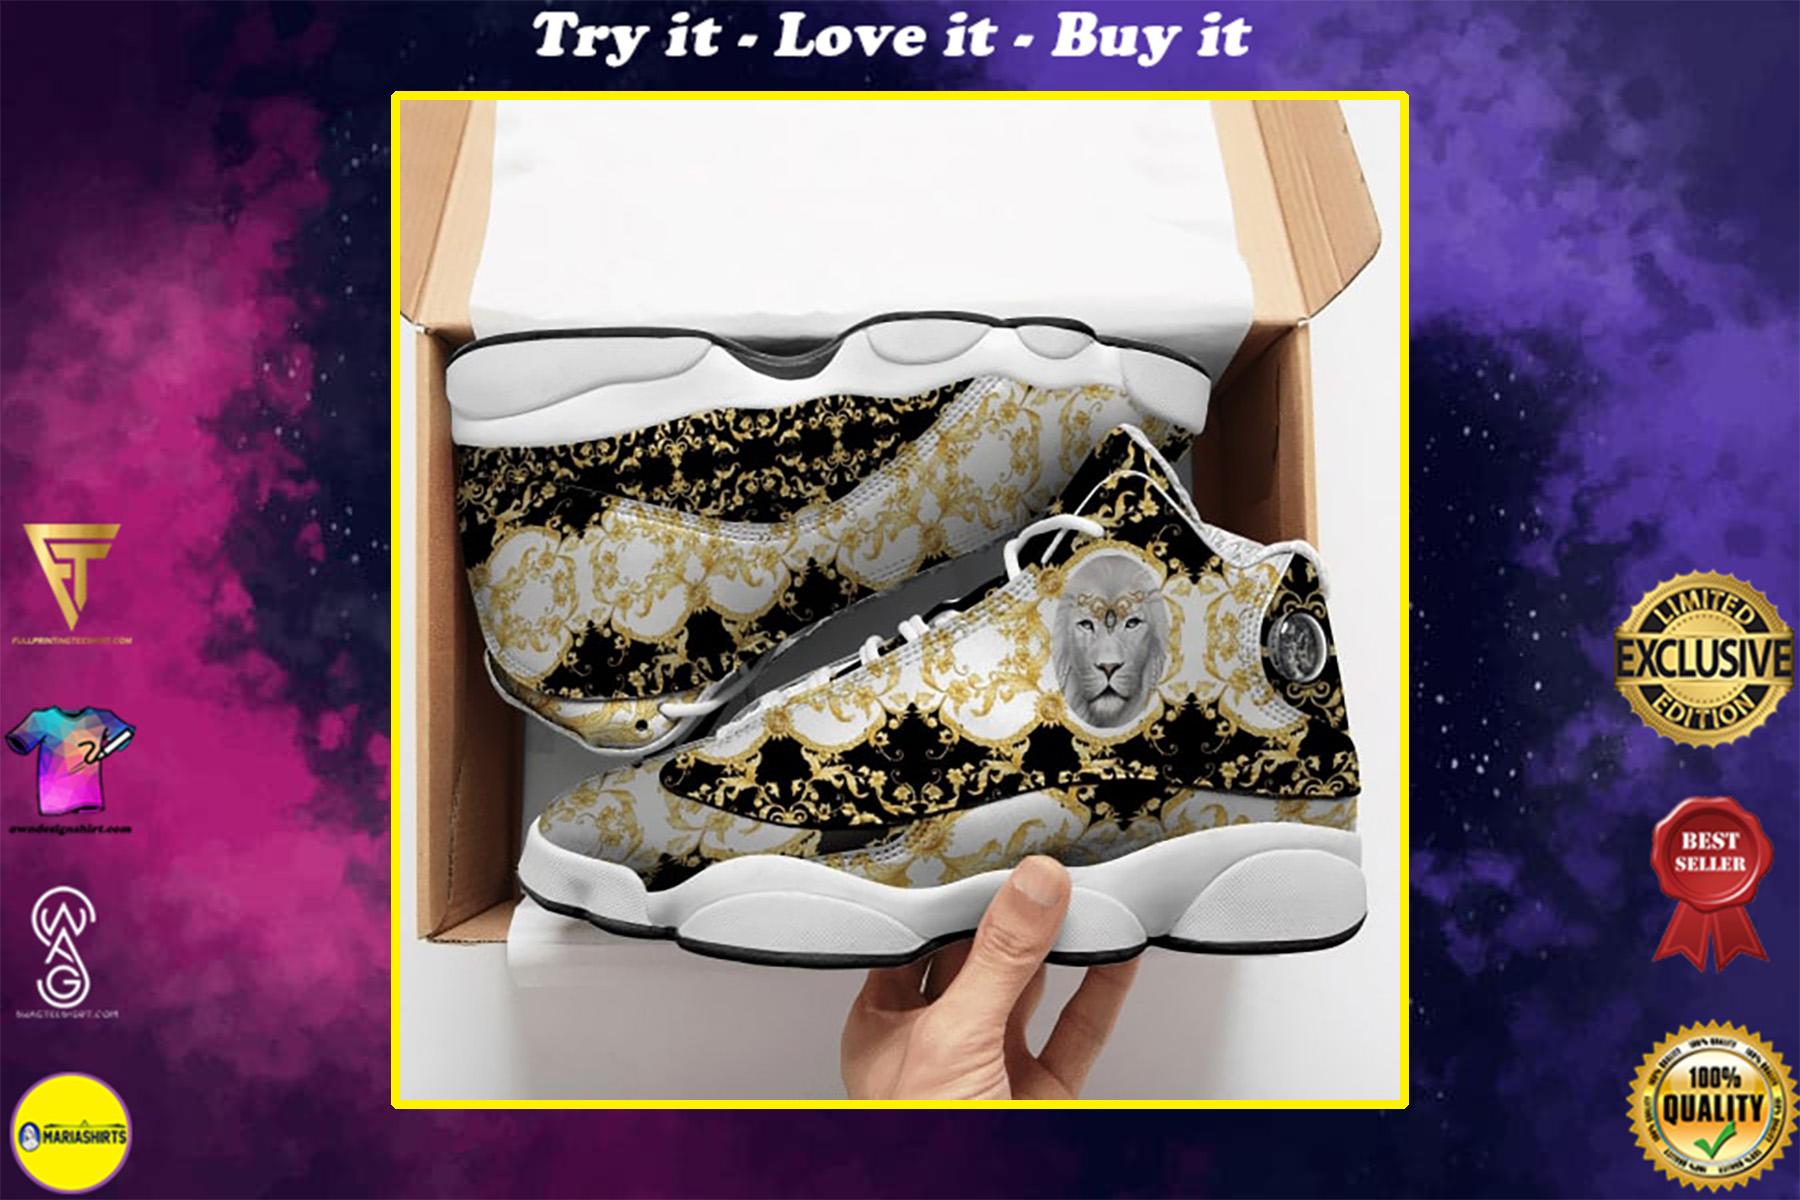 lion golden all over printed air jordan 13 sneakers